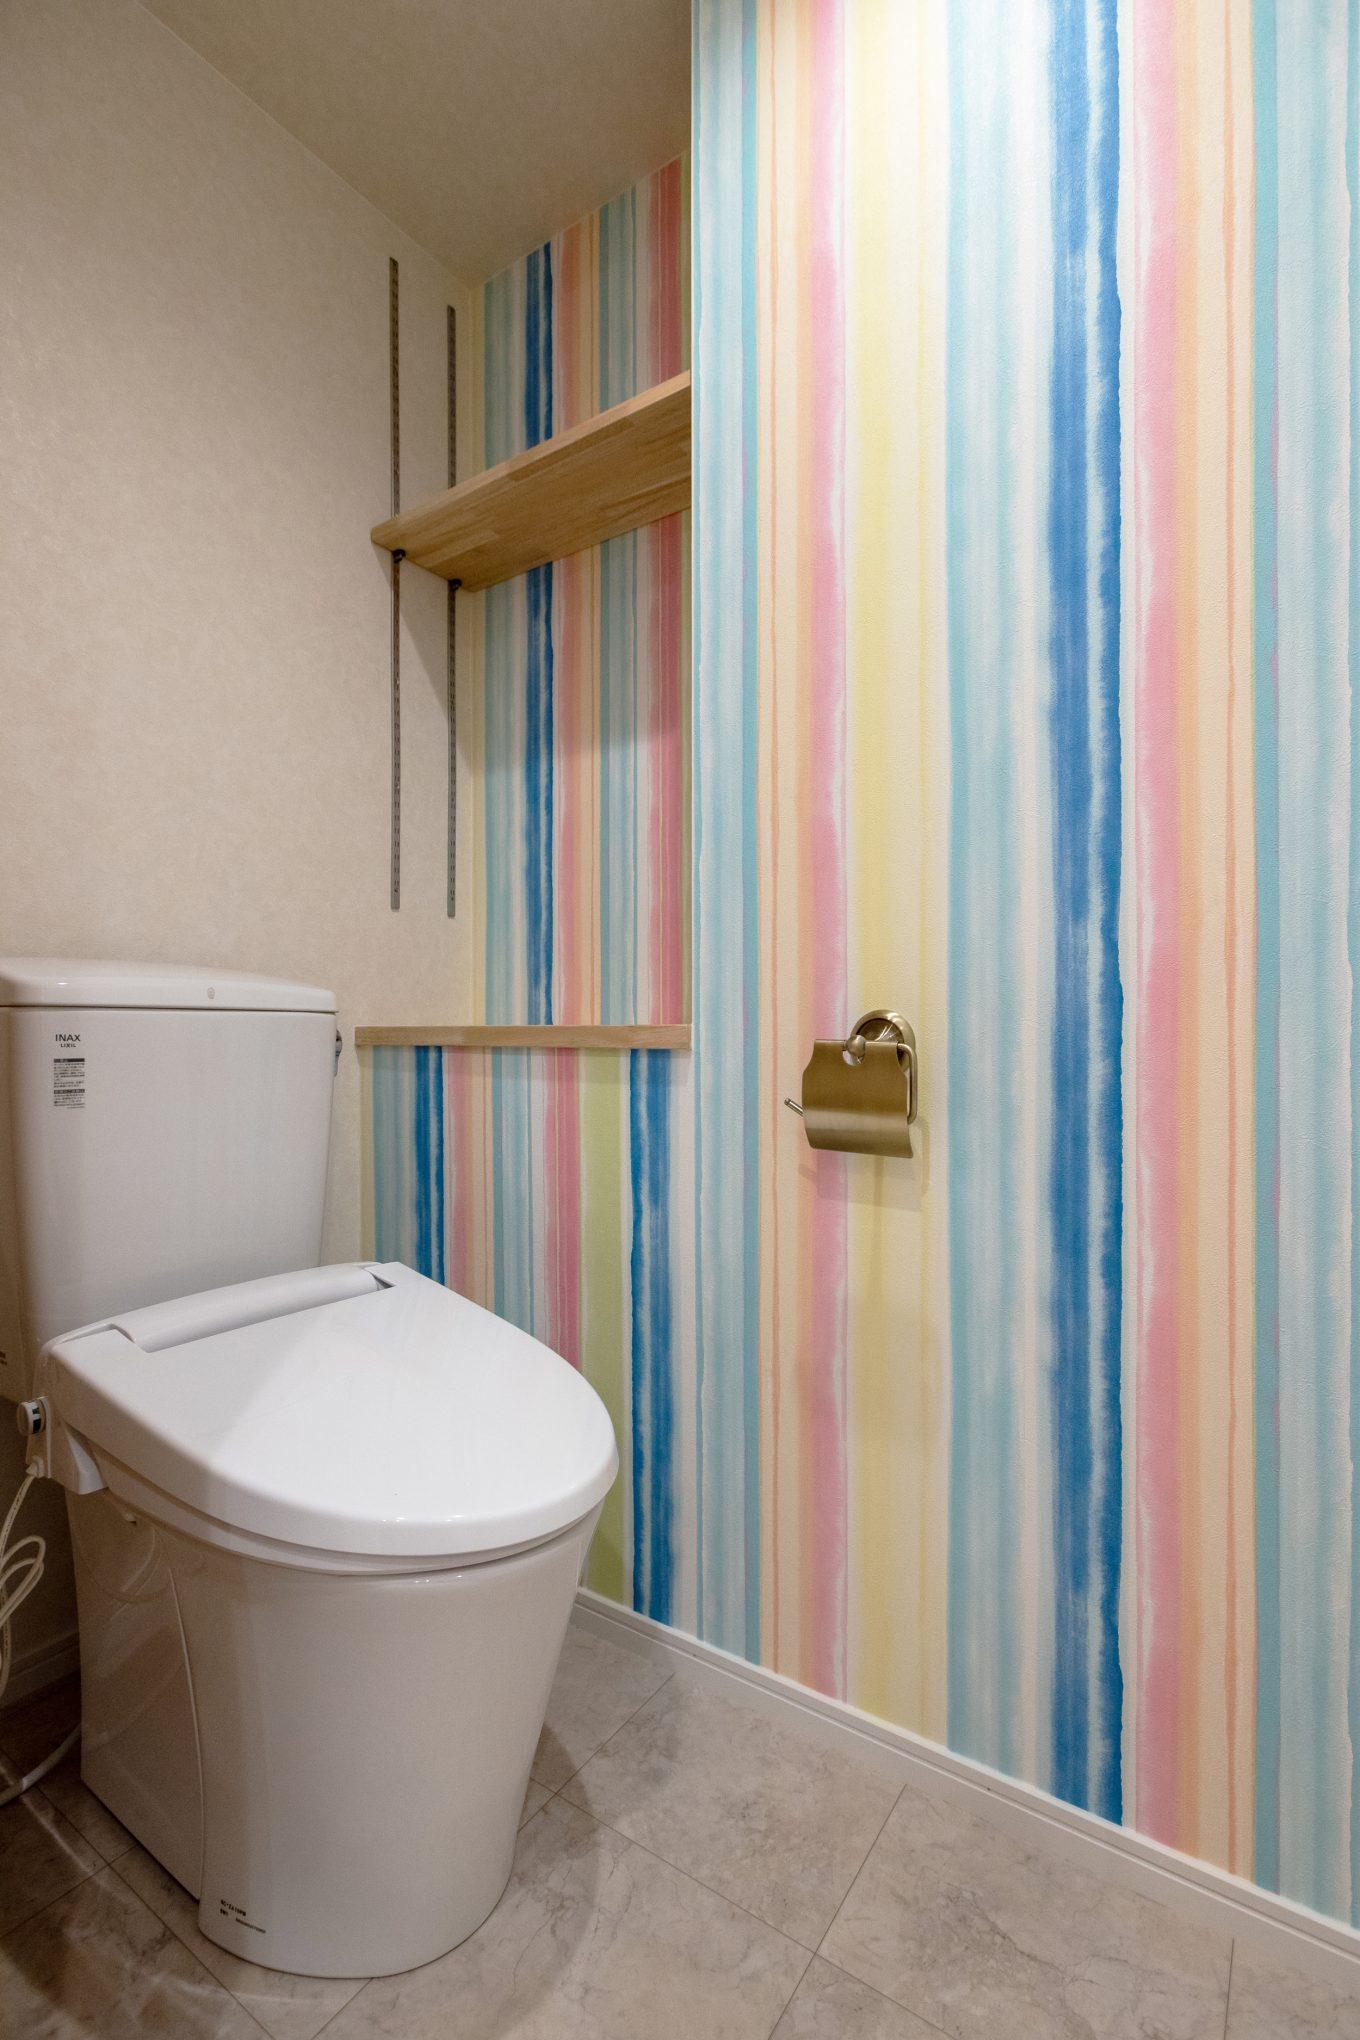 カラフル&ポップなトイレの壁紙で楽しい空間に